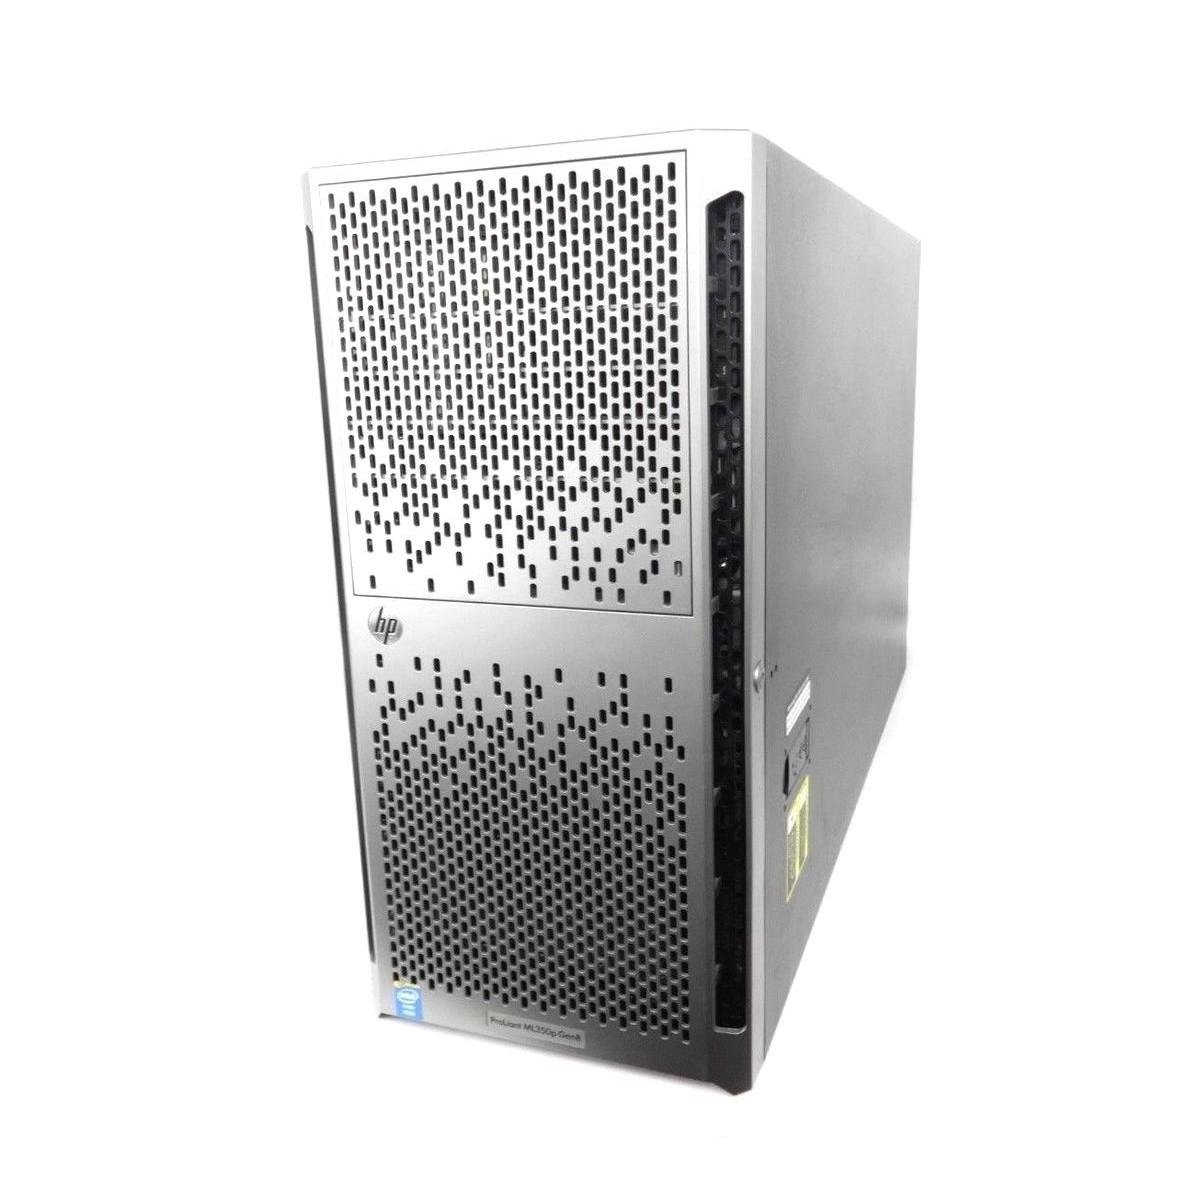 HP ML350p Gen8 2xE5 16GB 3x600GB SAS 2xPSU P420i